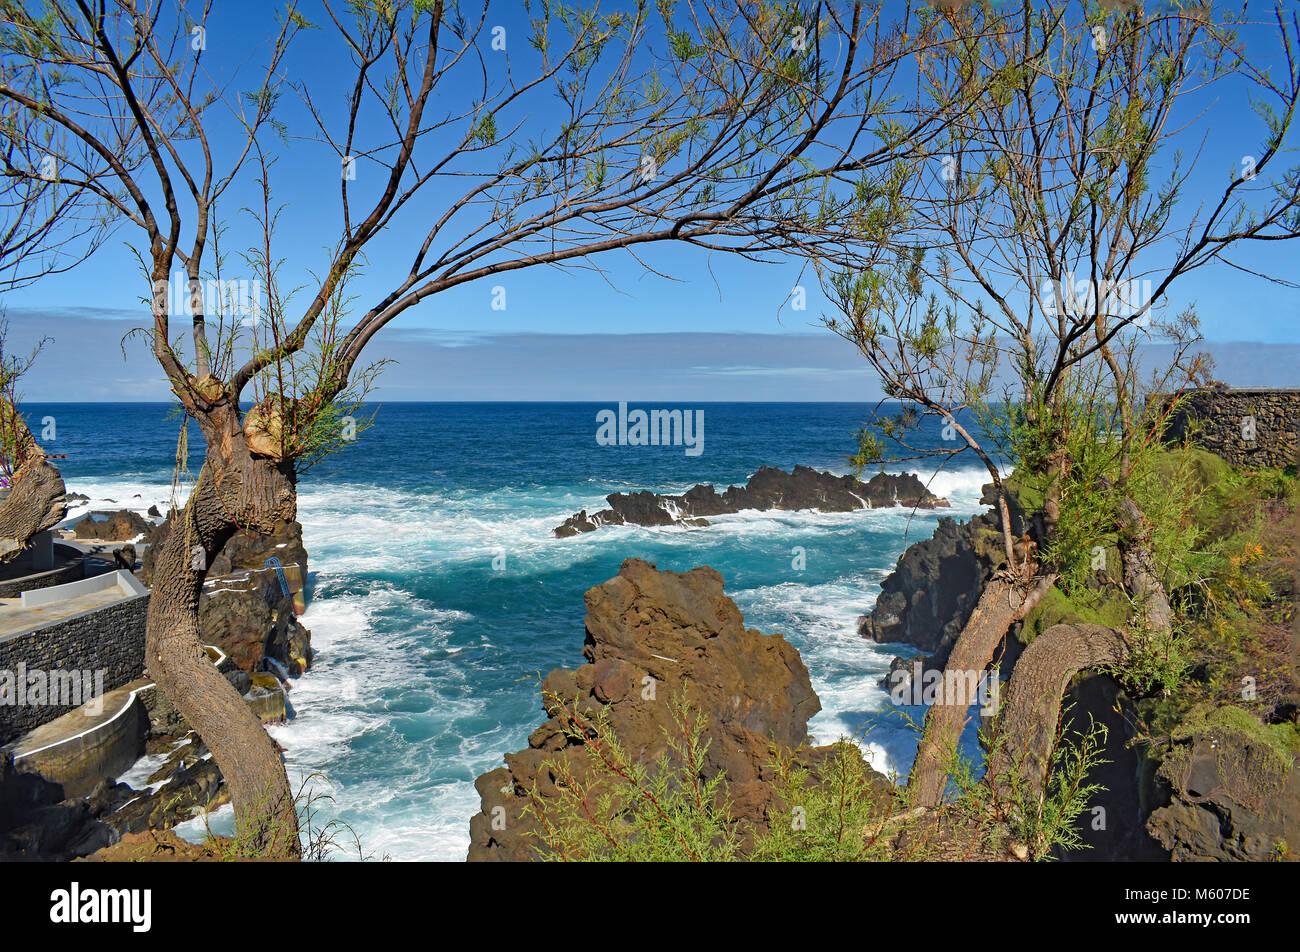 Madeiras Stockfotos & Madeiras Bilder - Alamy